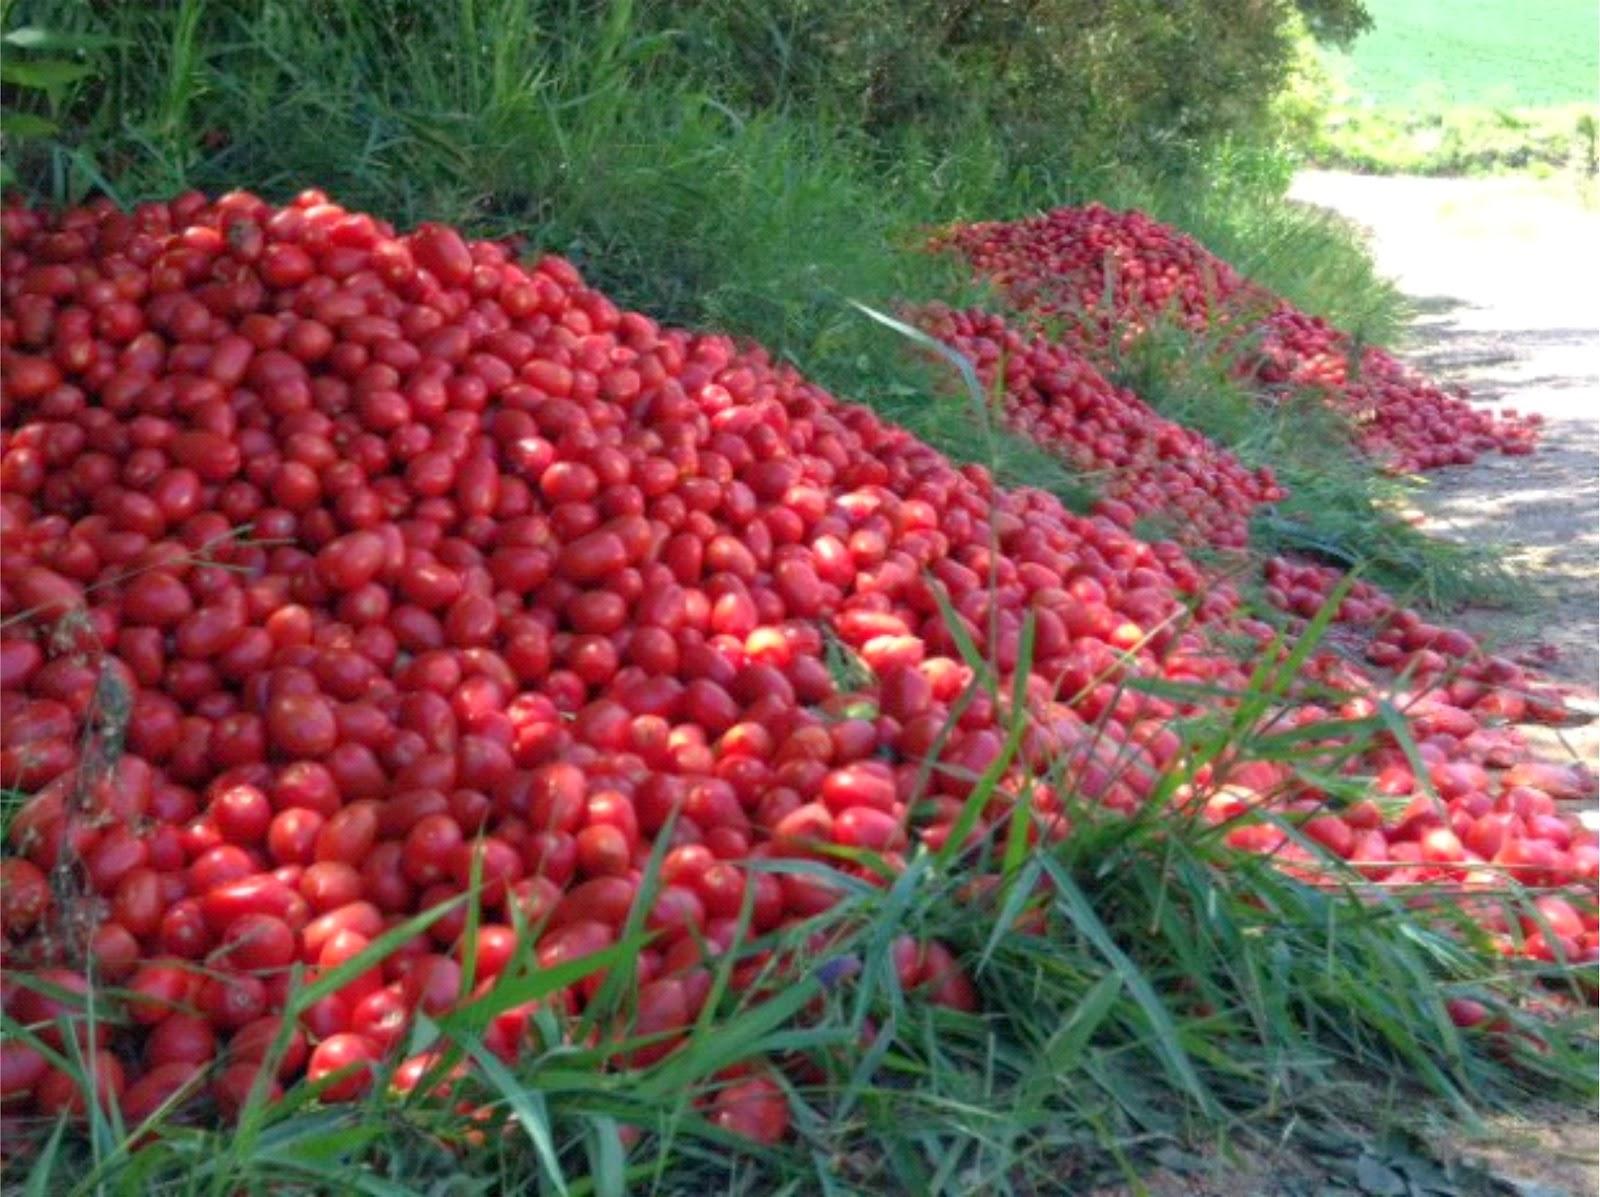 Resultado de imagem para tomates-sao-descartadas-as-margens-de-estradas